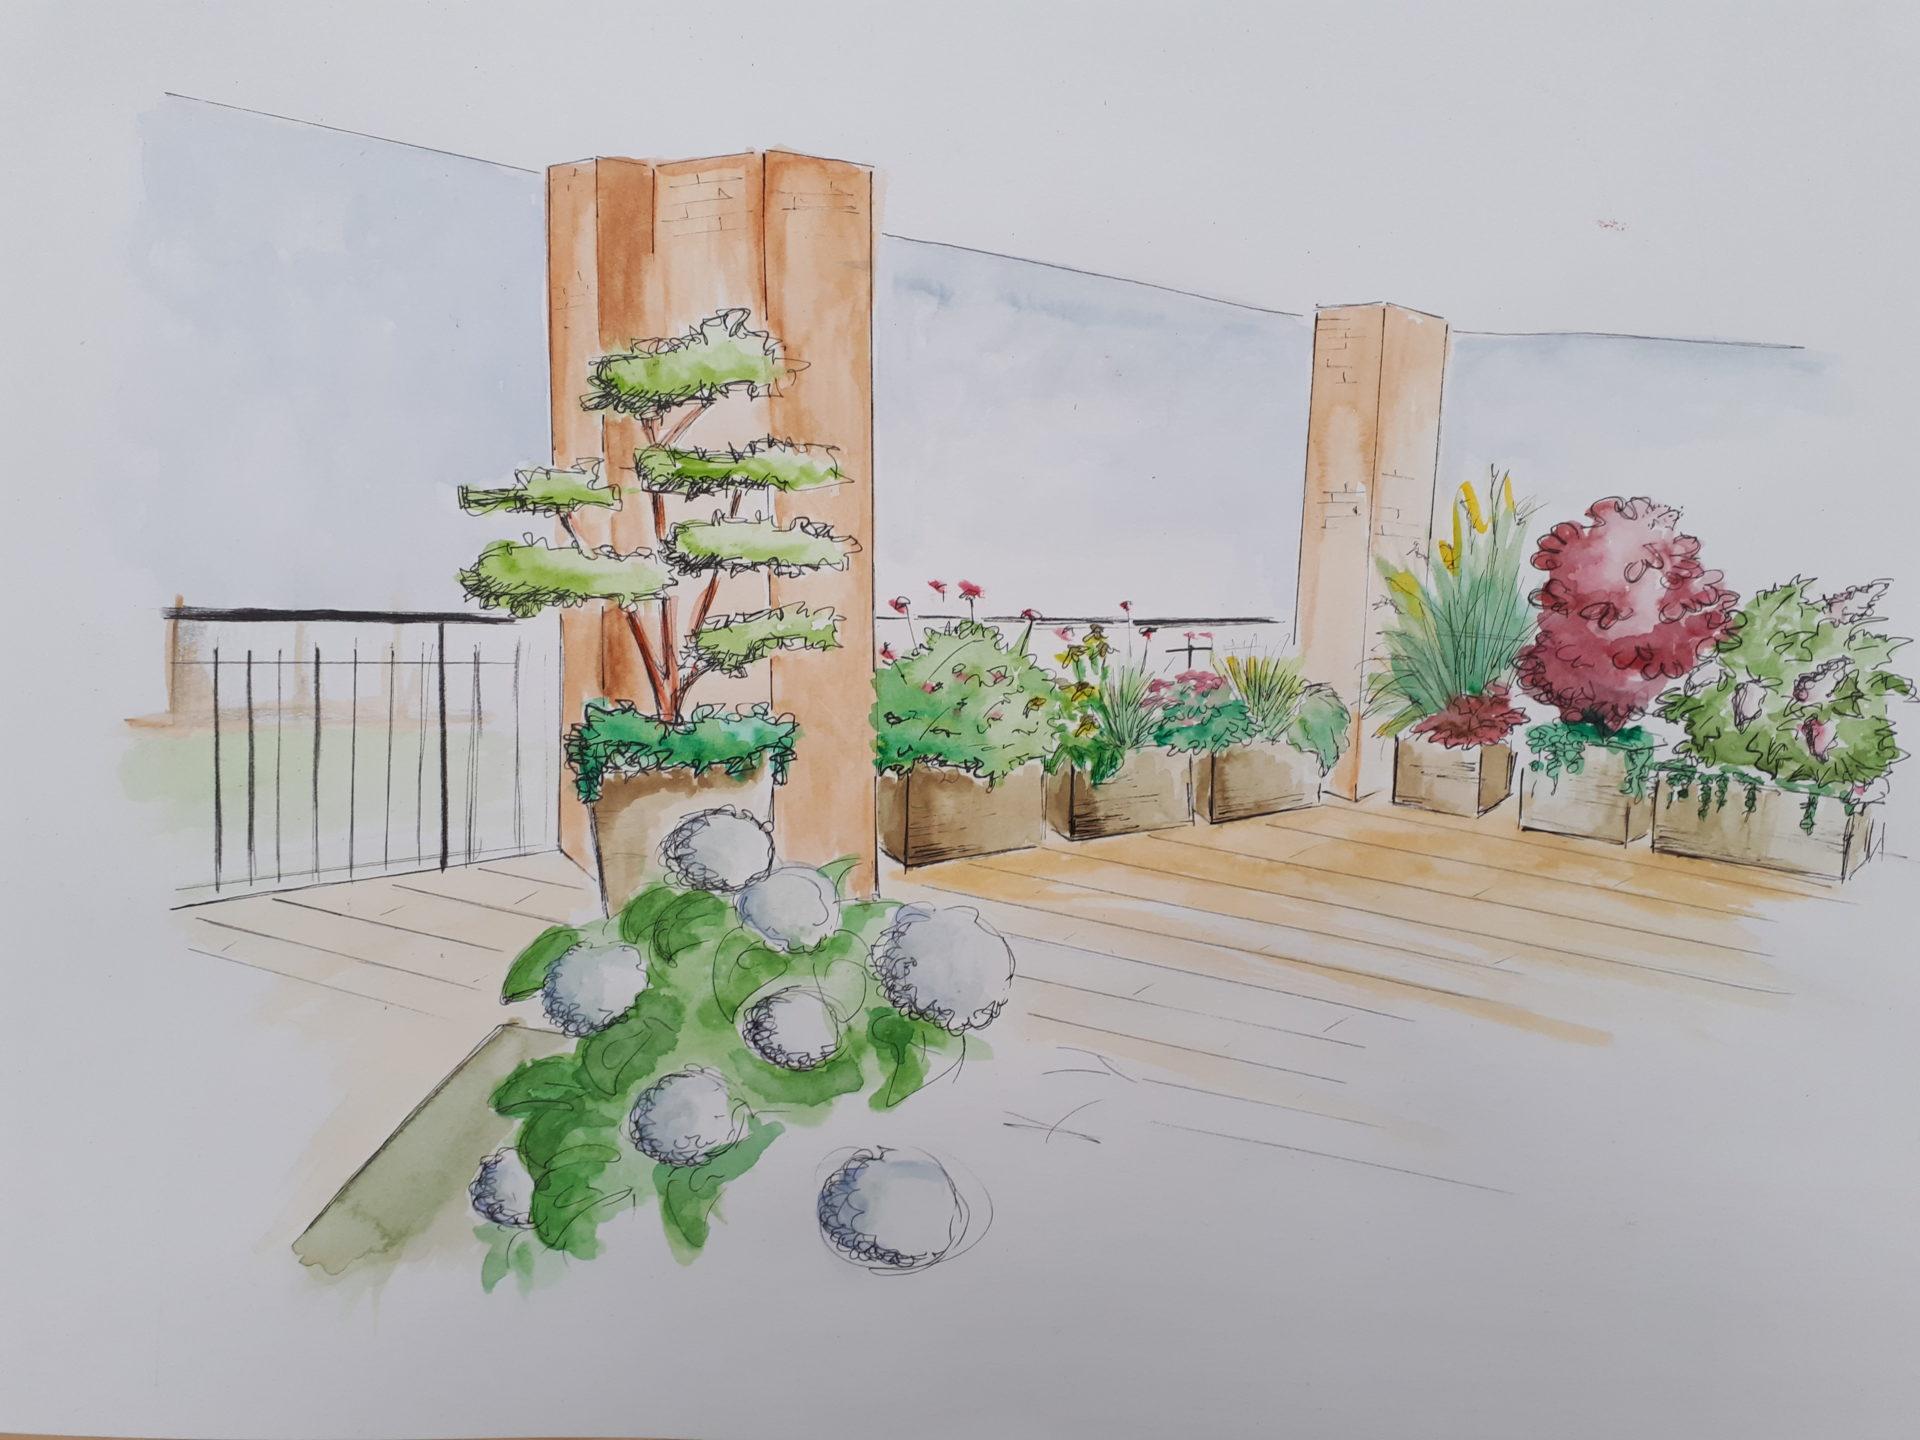 Terrazzo A Prova Di Solleone Nostro Progetto Rivista